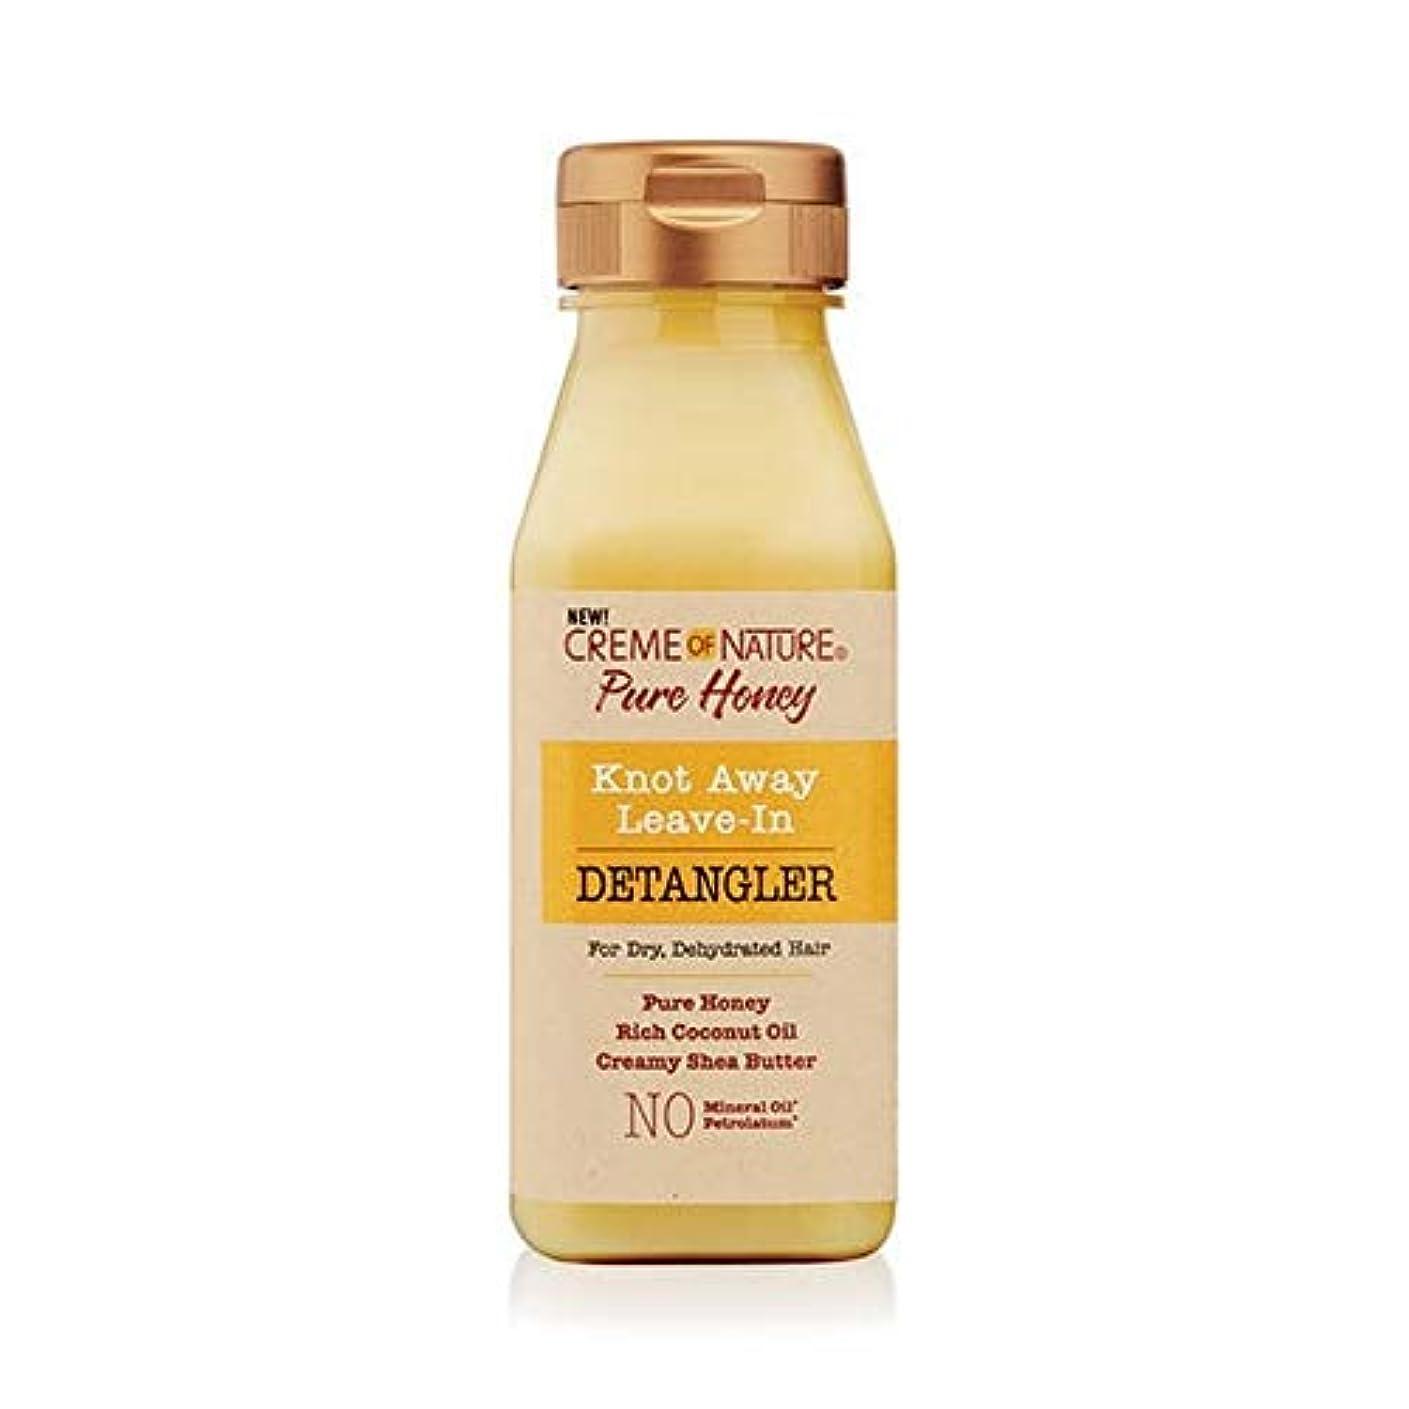 下着晩餐シングル[Creme of Nature ] 自然の純粋な蜂蜜の結び目のクリームは離れDetanglerに残します - Creme of Nature Pure Honey Knot Away Leave in Detangler...